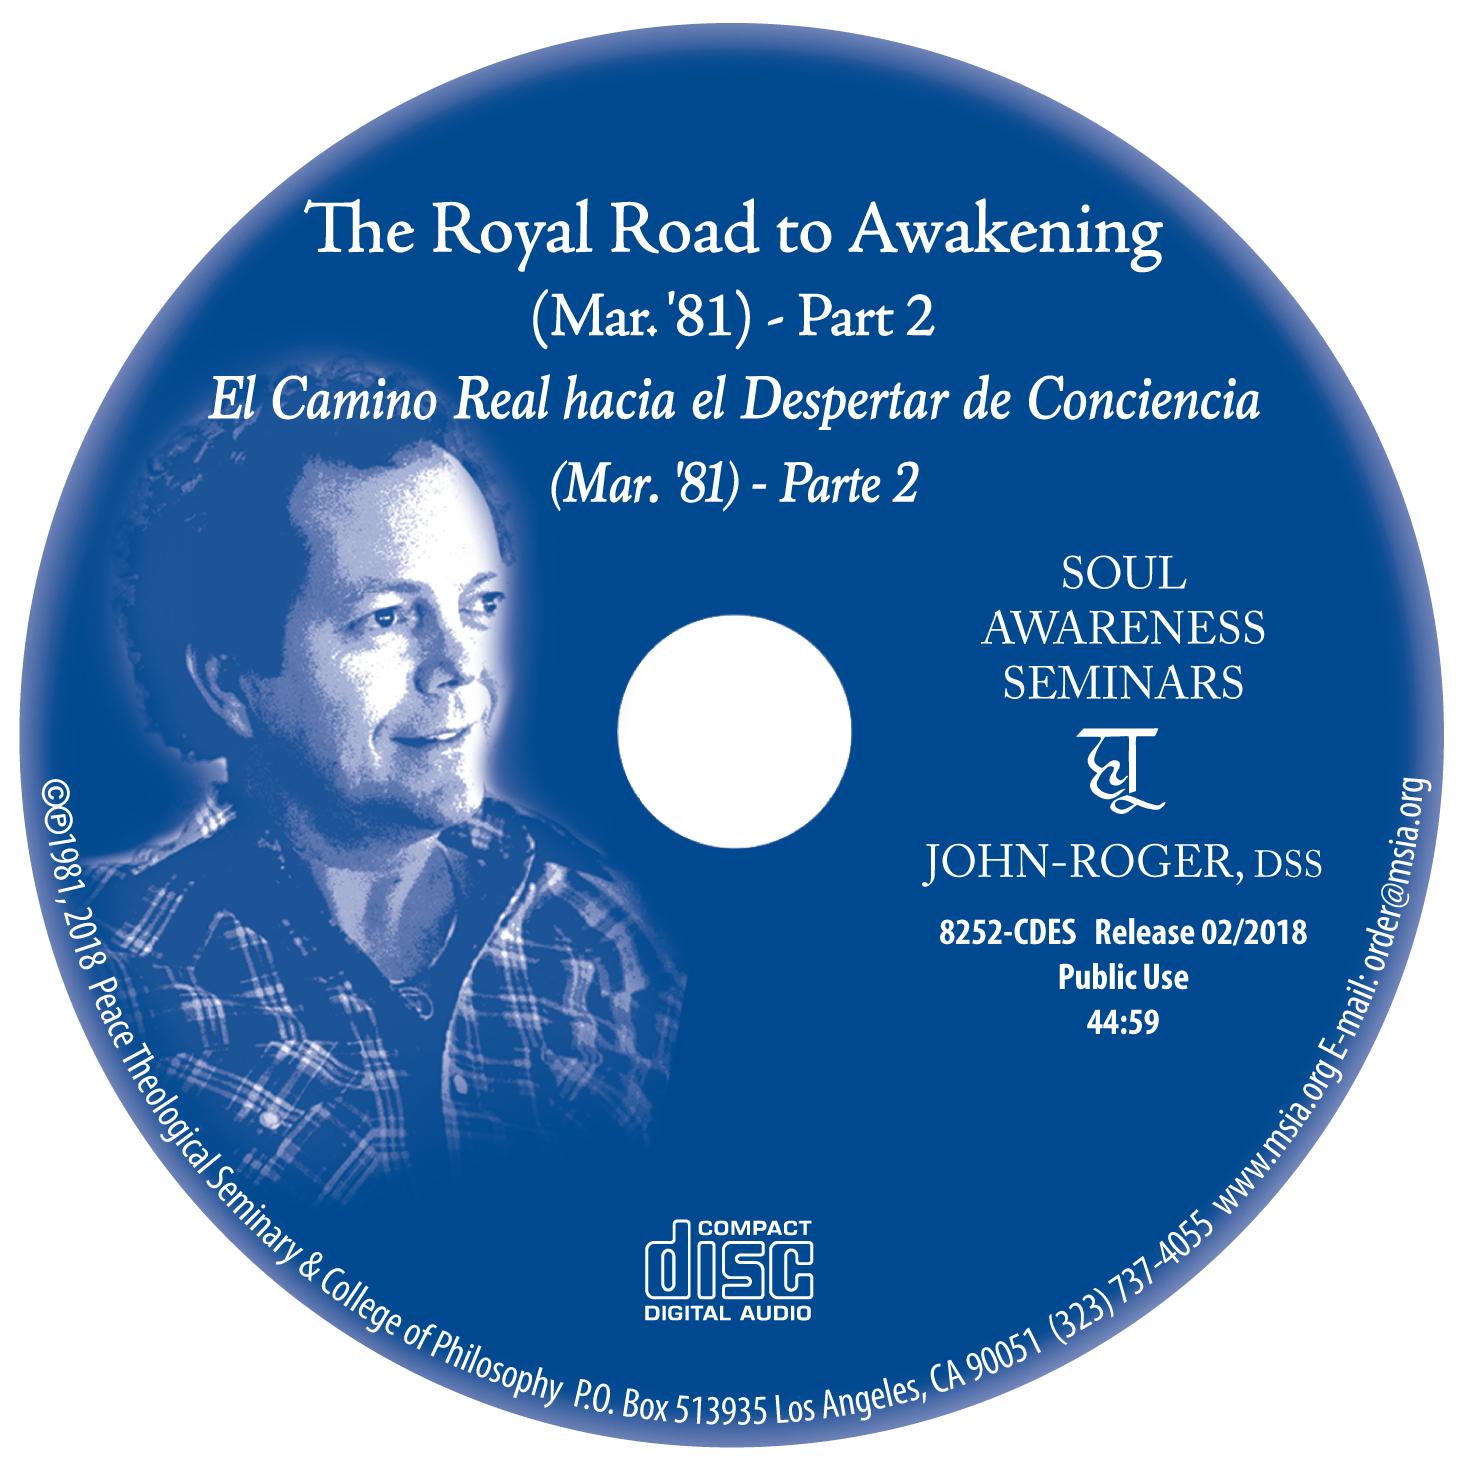 The Royal Road to Awakening - Part 2 MP3